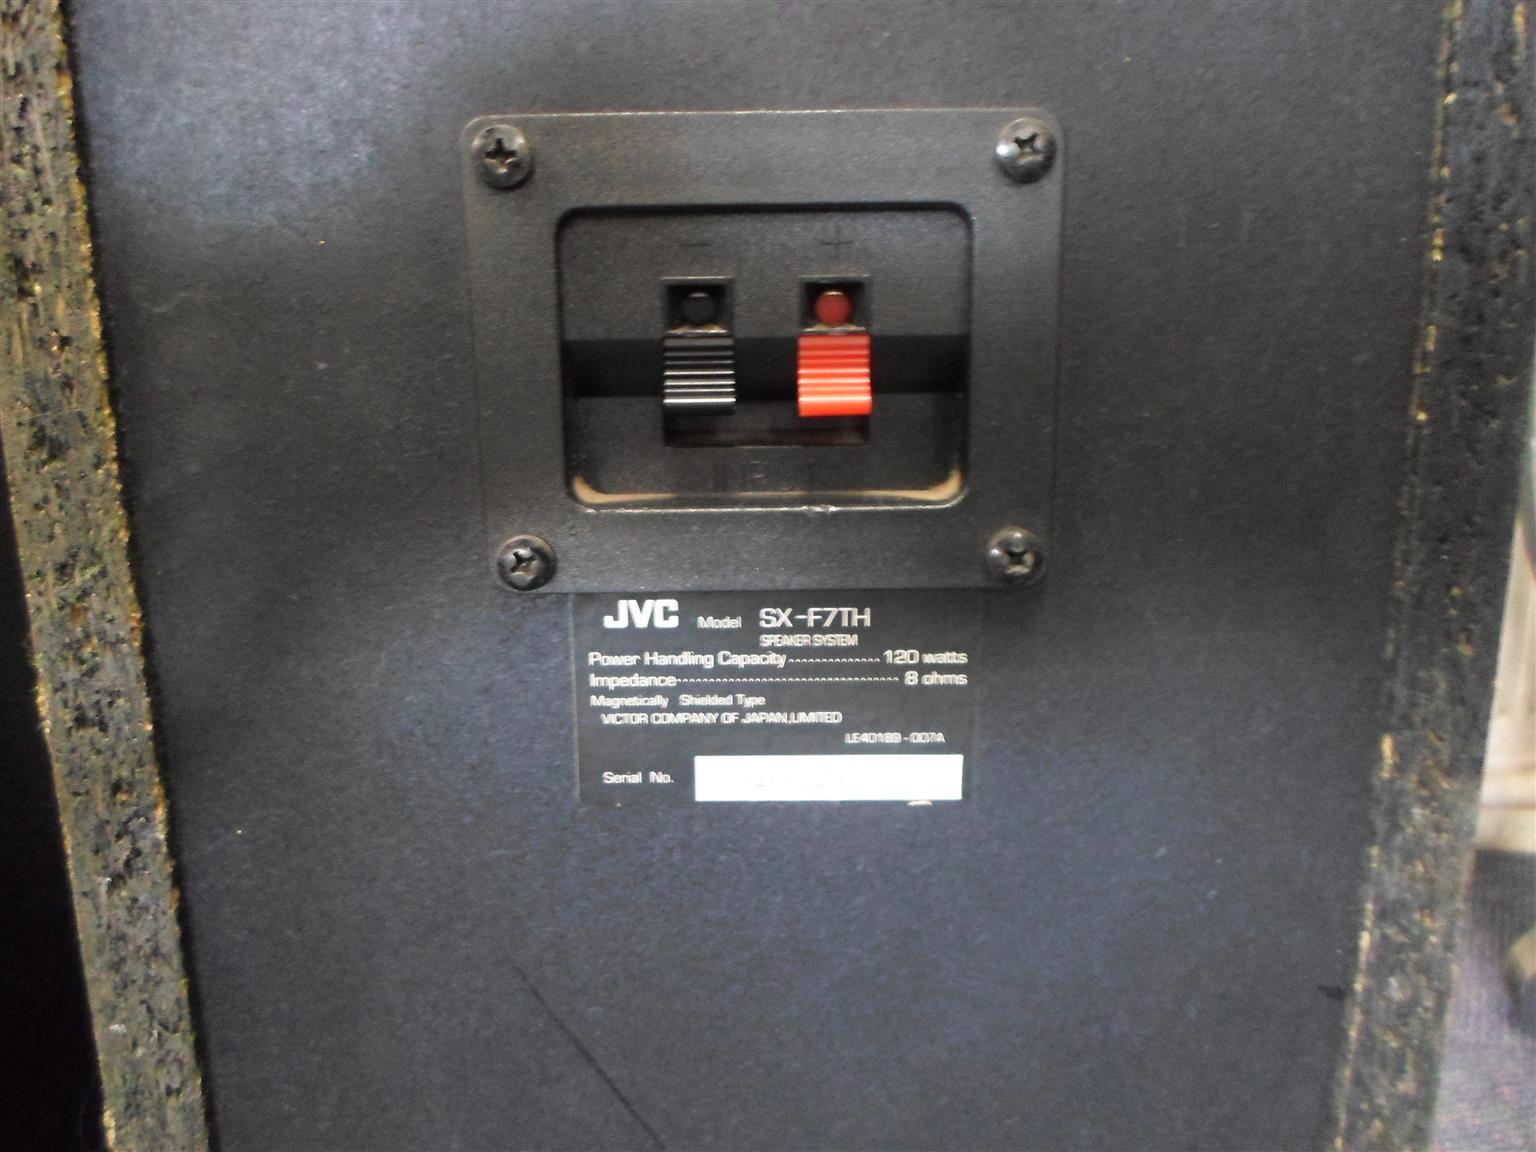 Speakers JVC SX-F7TH